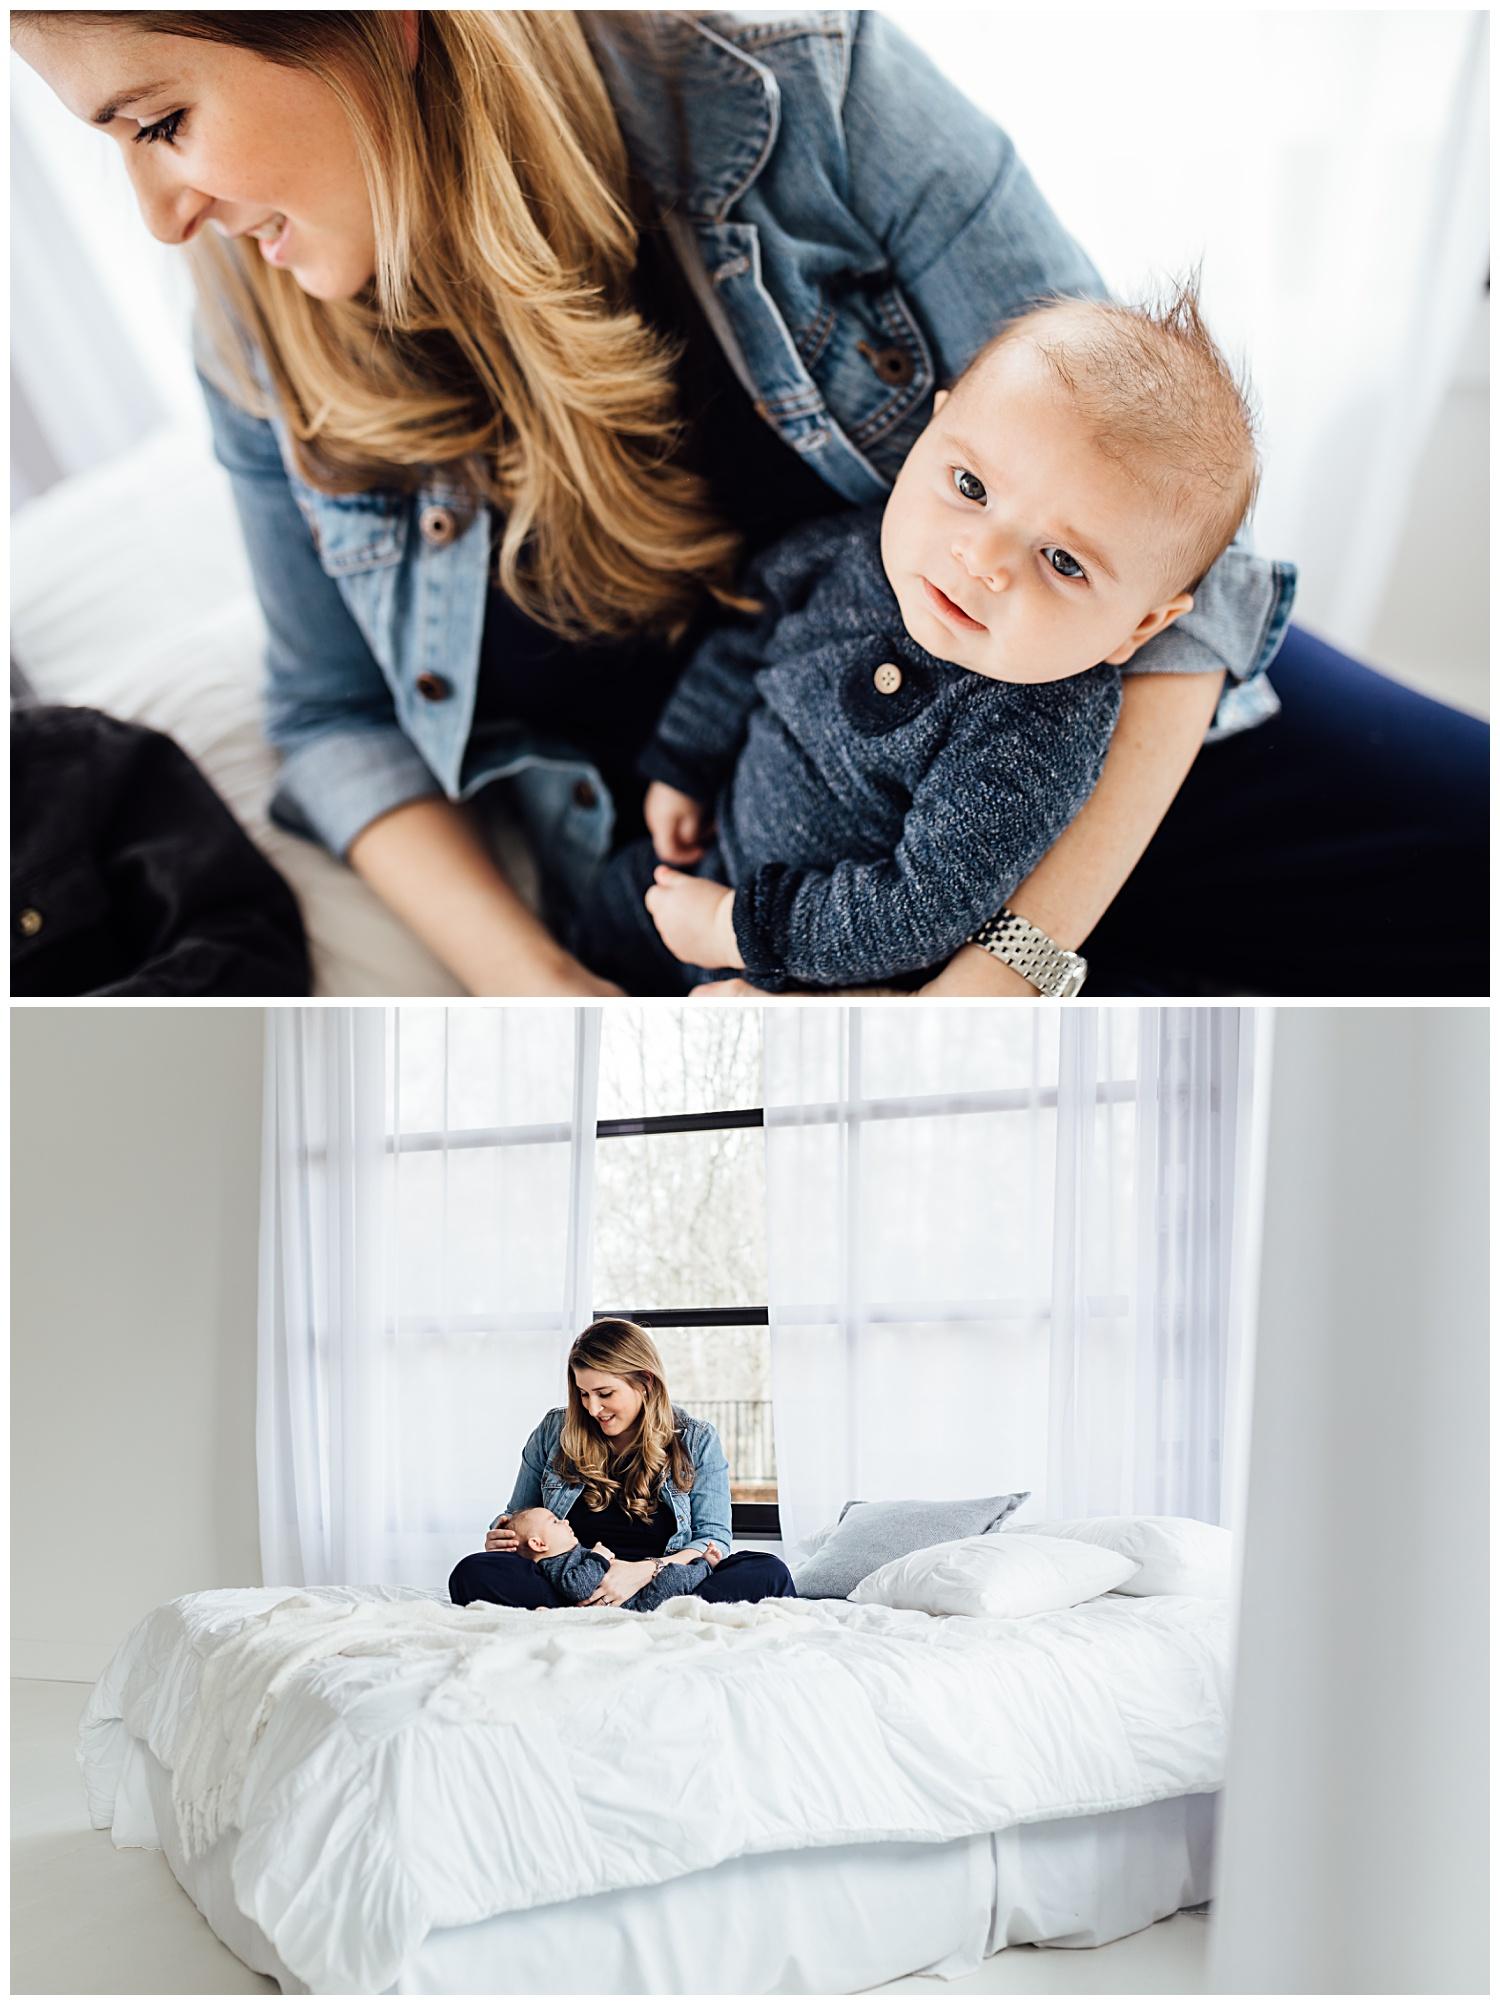 woodstock family photographer (3).jpg